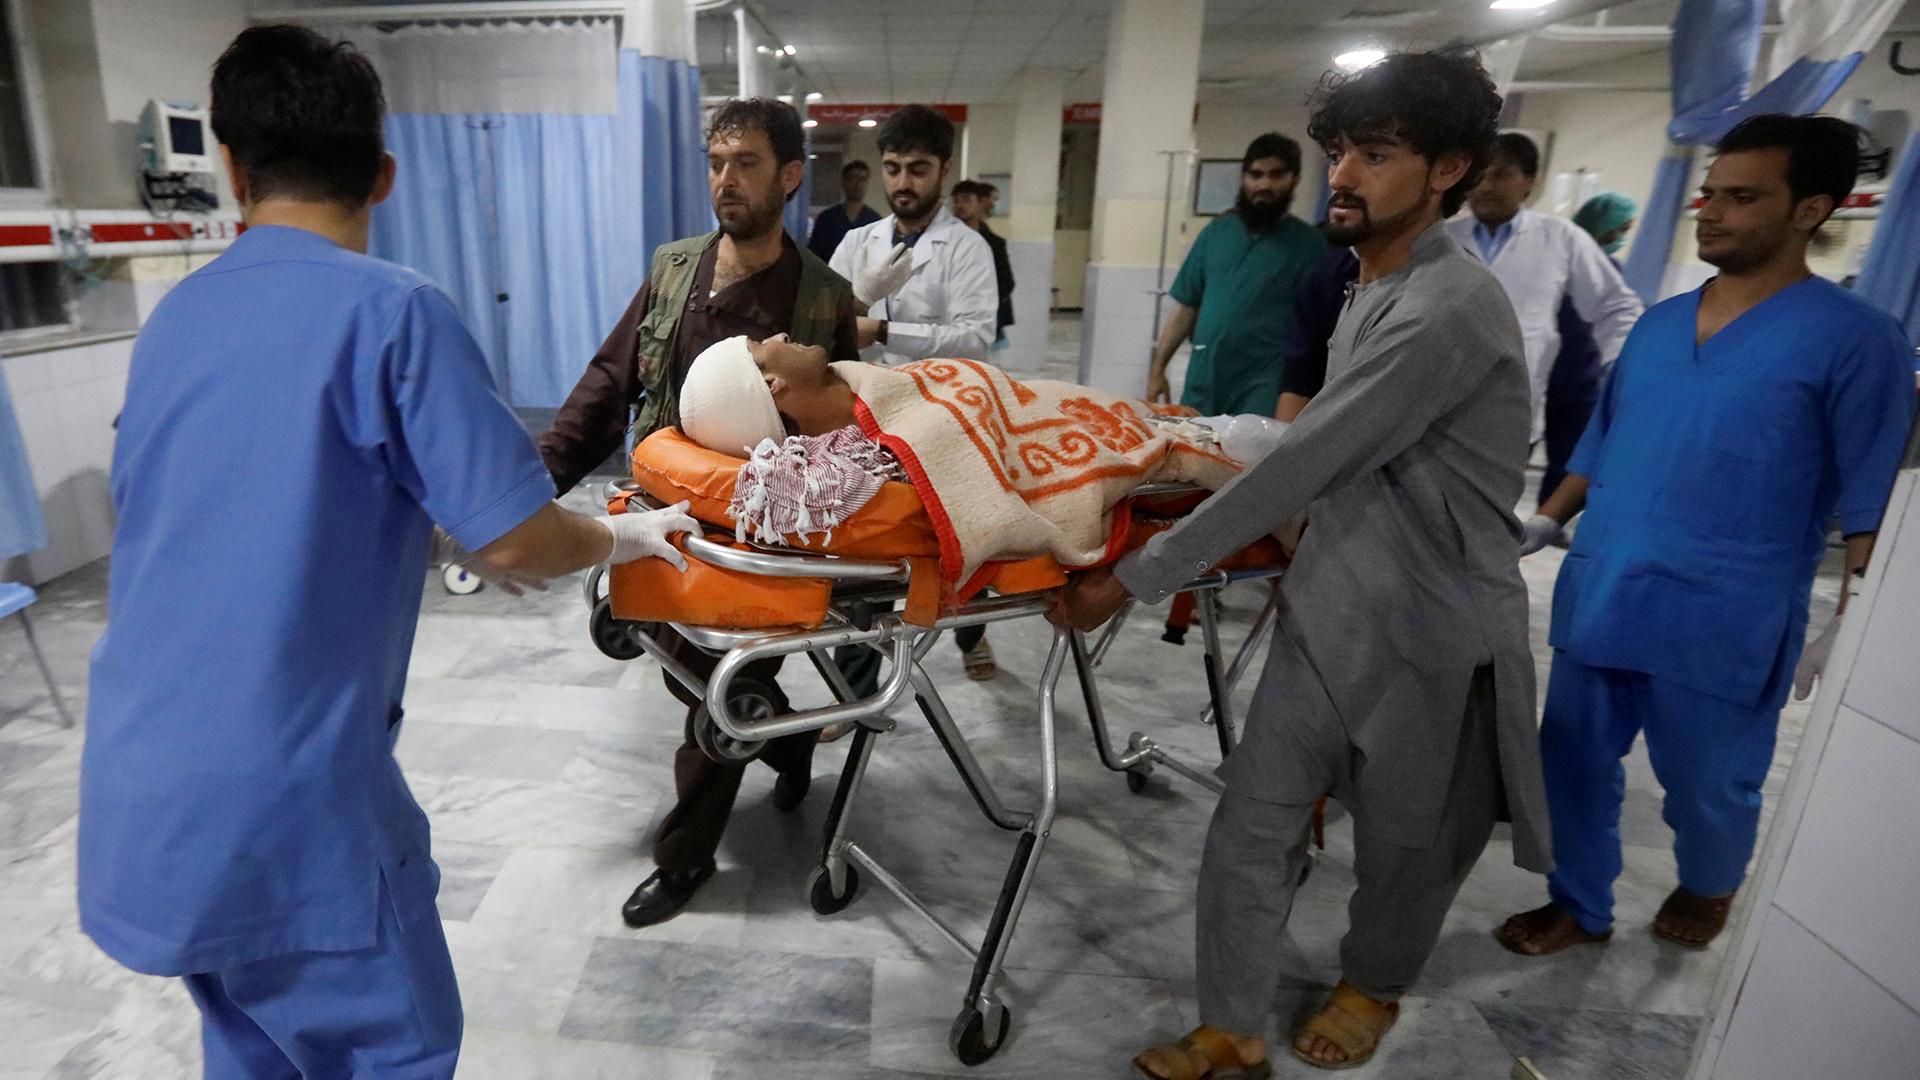 Los insurgentes cometieron casi 200 ataques durante la jornada electoral en Afganistán (Reuters)